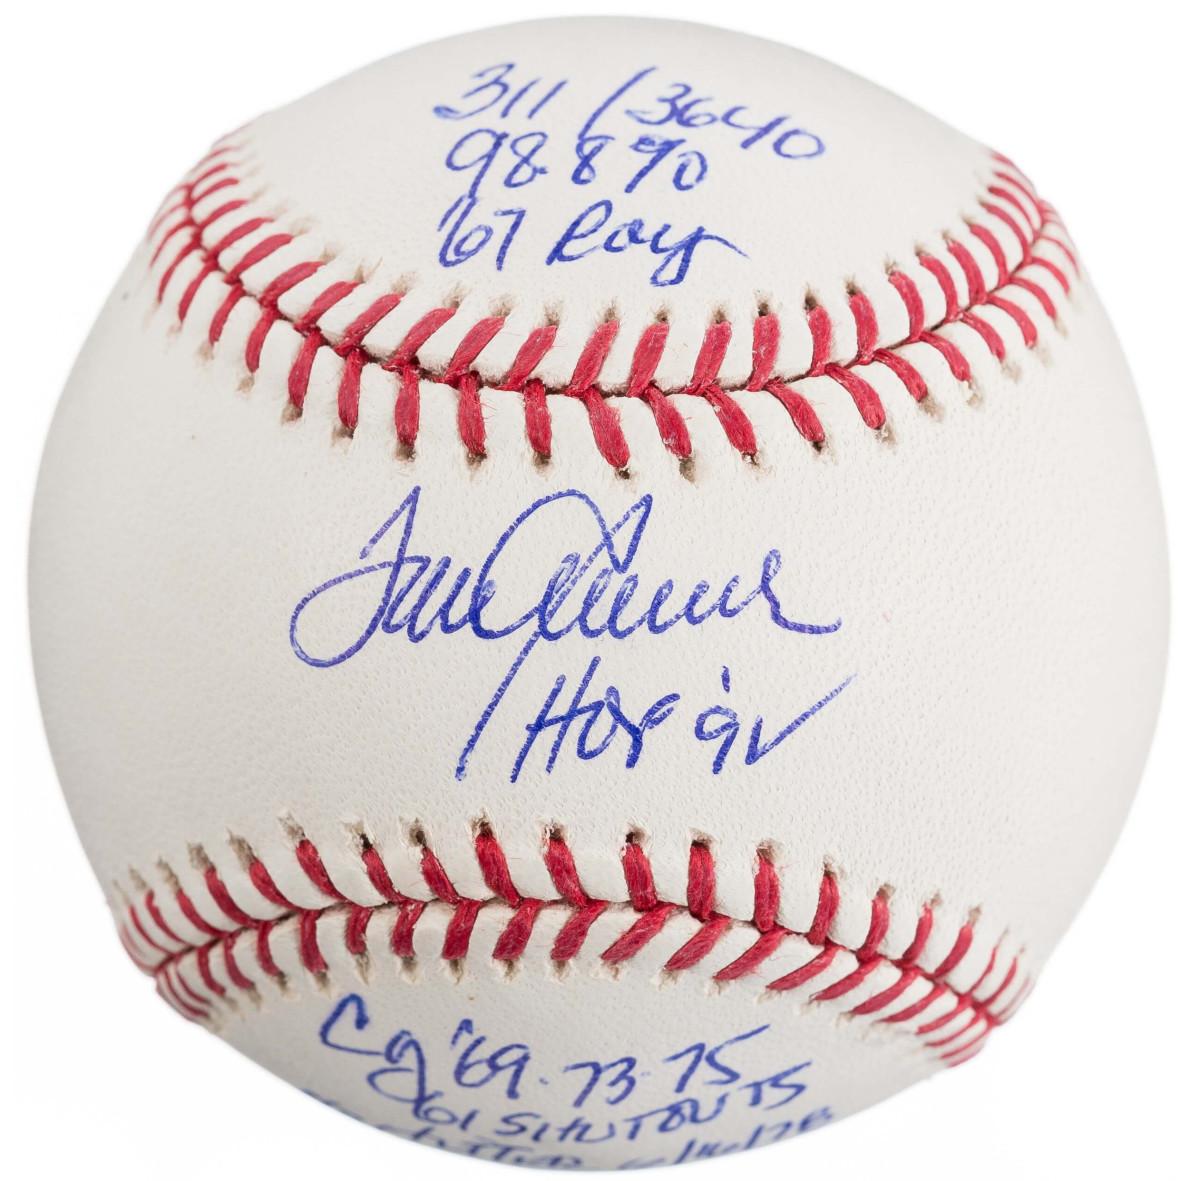 Seaver-signed stat ball